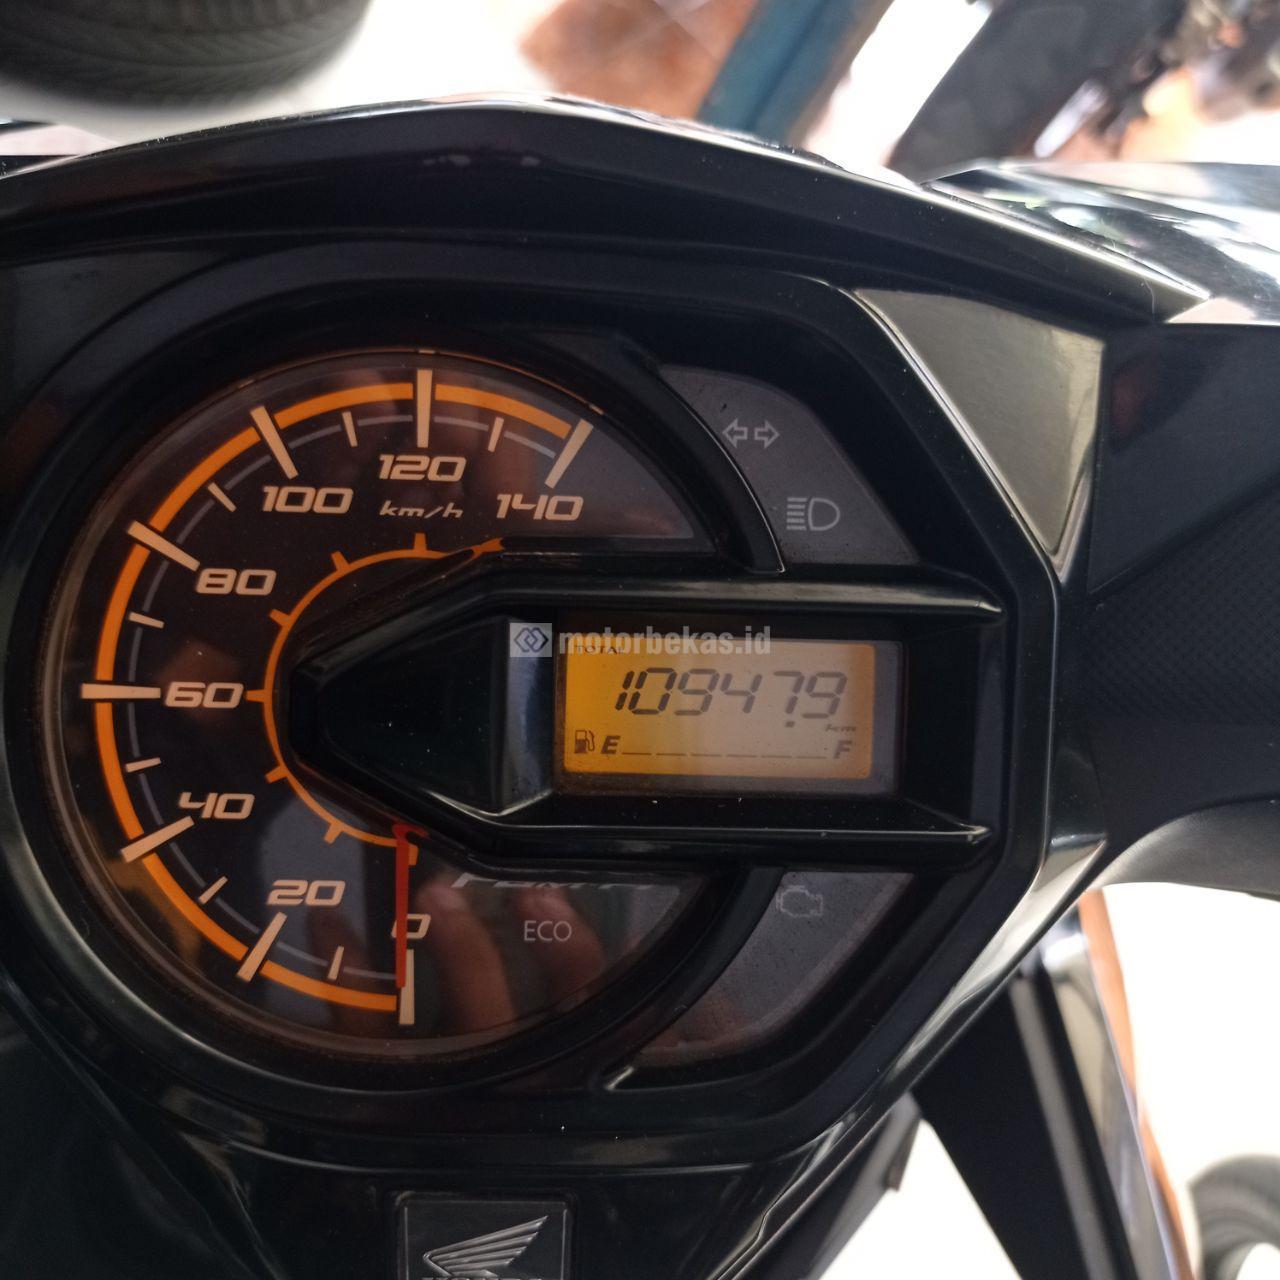 HONDA BEAT  466 motorbekas.id